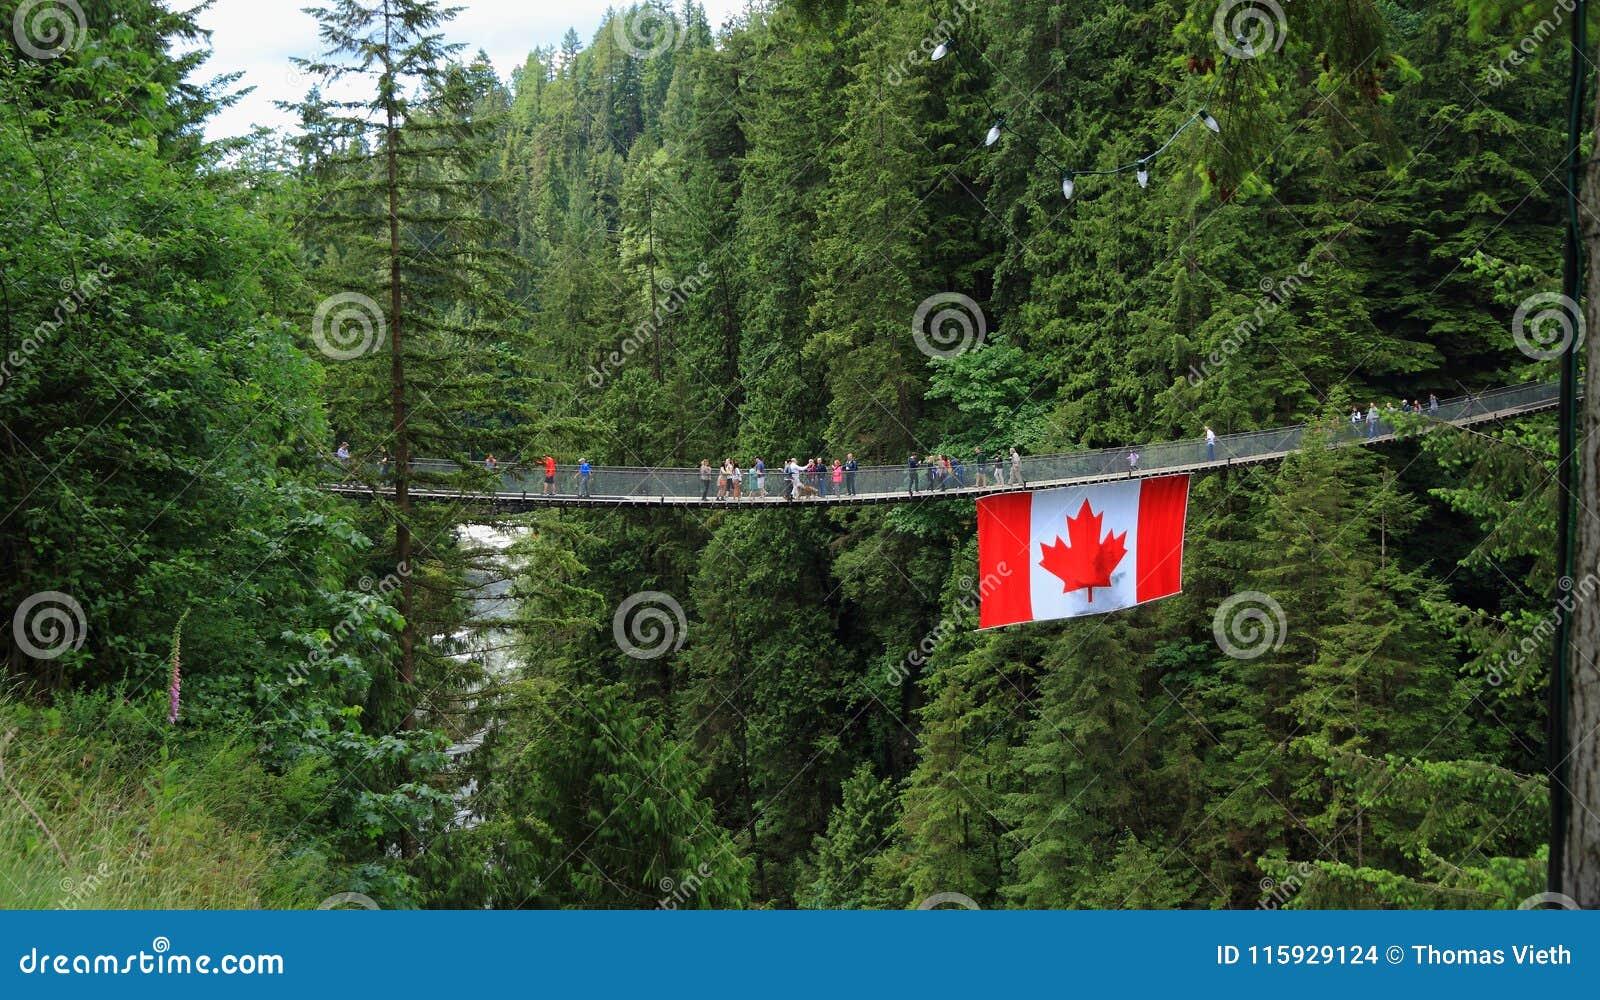 Βανκούβερ, Καναδάς: Τουρισμός - γέφυρα αναστολής Capilano με την καναδική σημαία